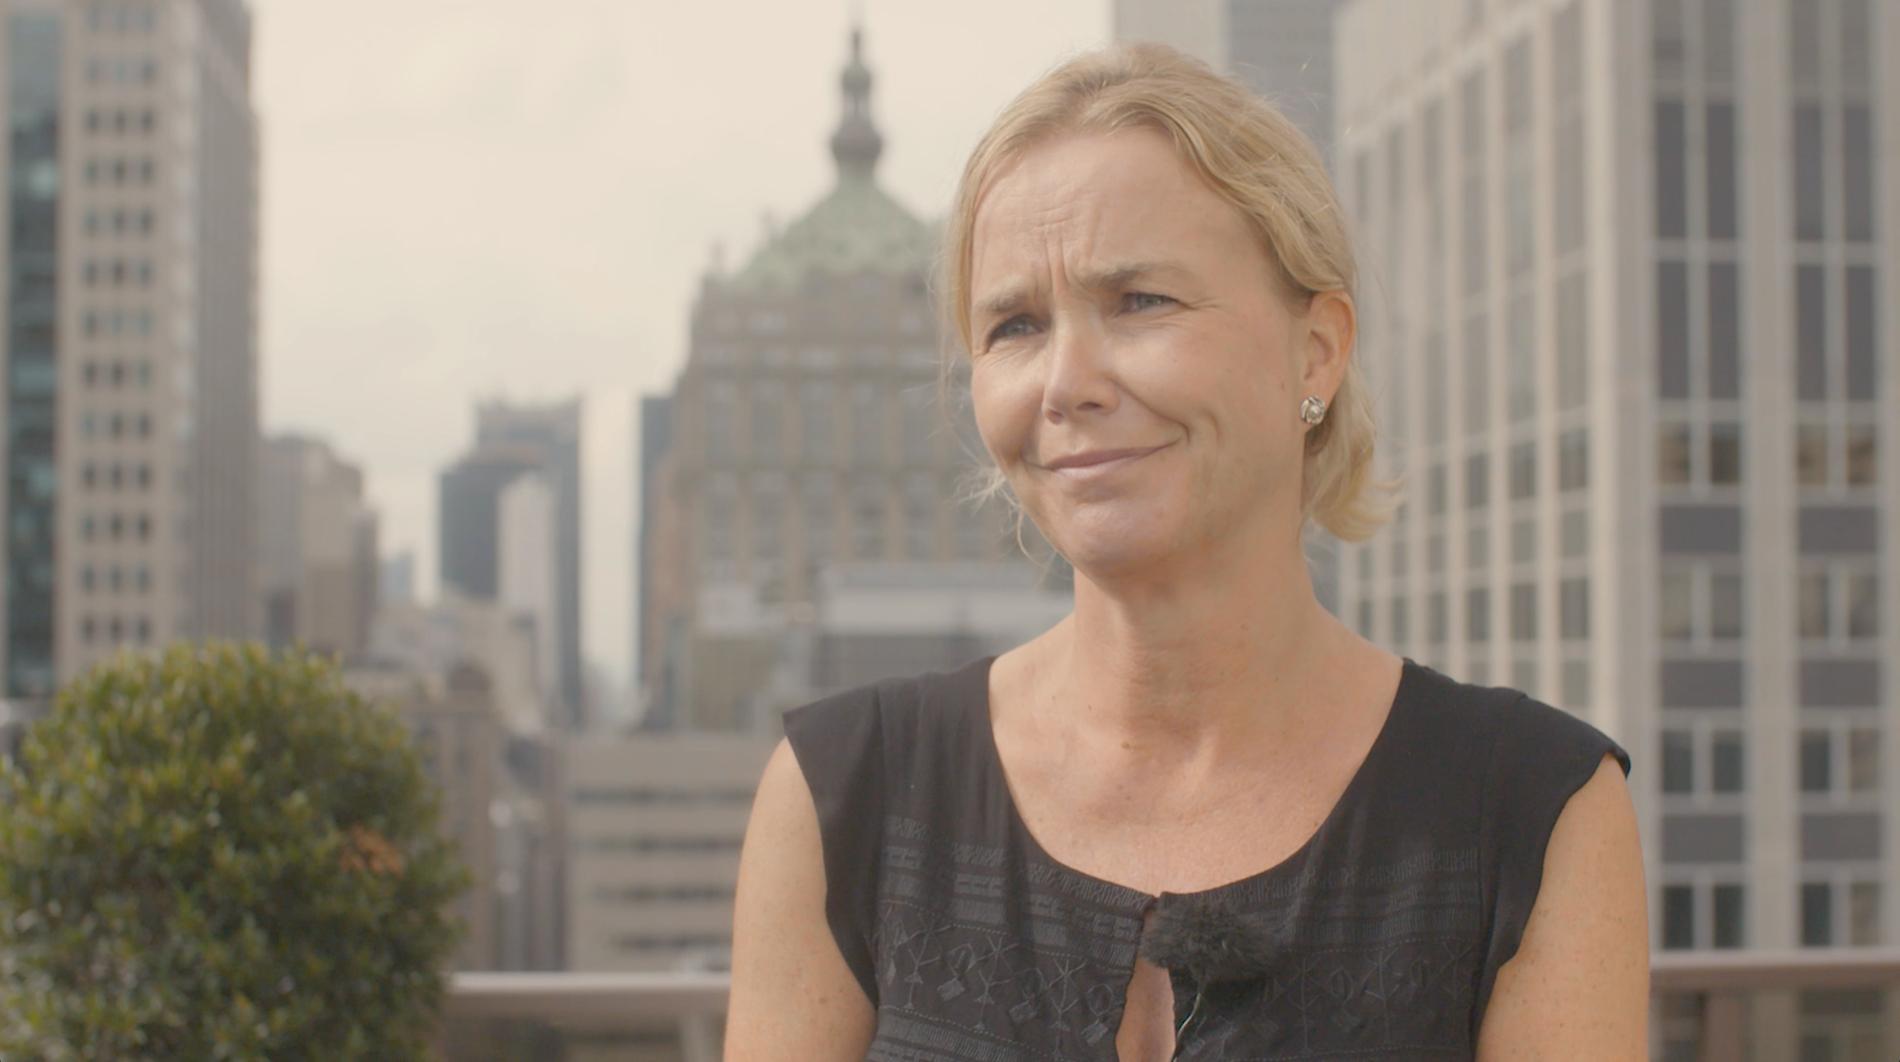 MÅ KREVE FORANDRING: Hege Vibeke Barnes i Innovasjon Norge mener det er bra at forbrukere stiller krav til at selskap tenker på miljøet.